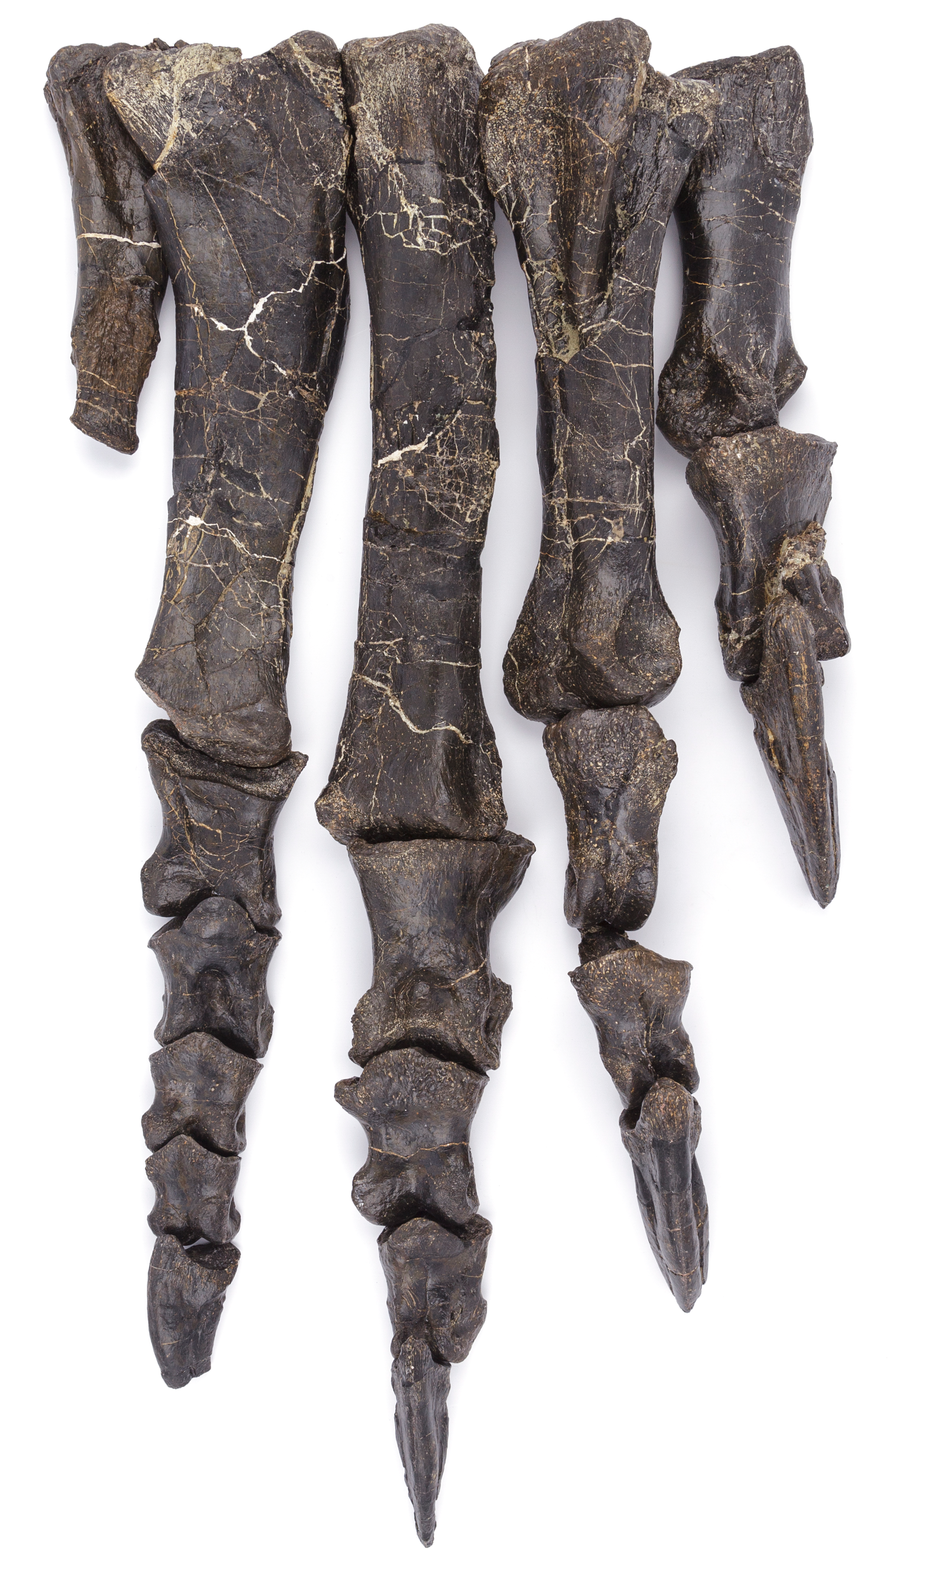 Sciences naturelles_Poligny patte du platéosaure © David Vuillermoz Musées de Lons-le-Saunier